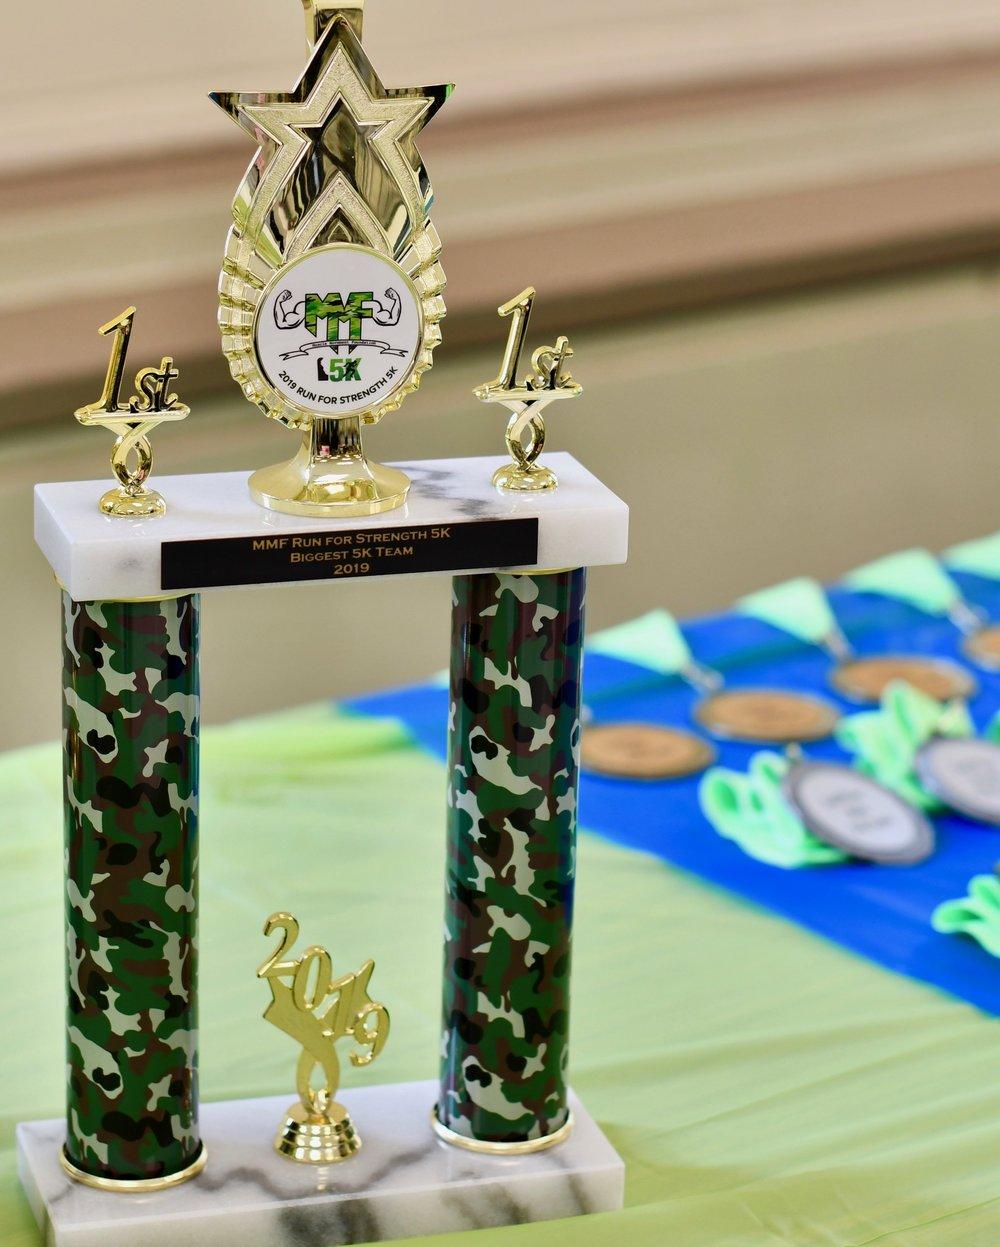 Biggest 5k team trophy via Champion Trophies, Inc.